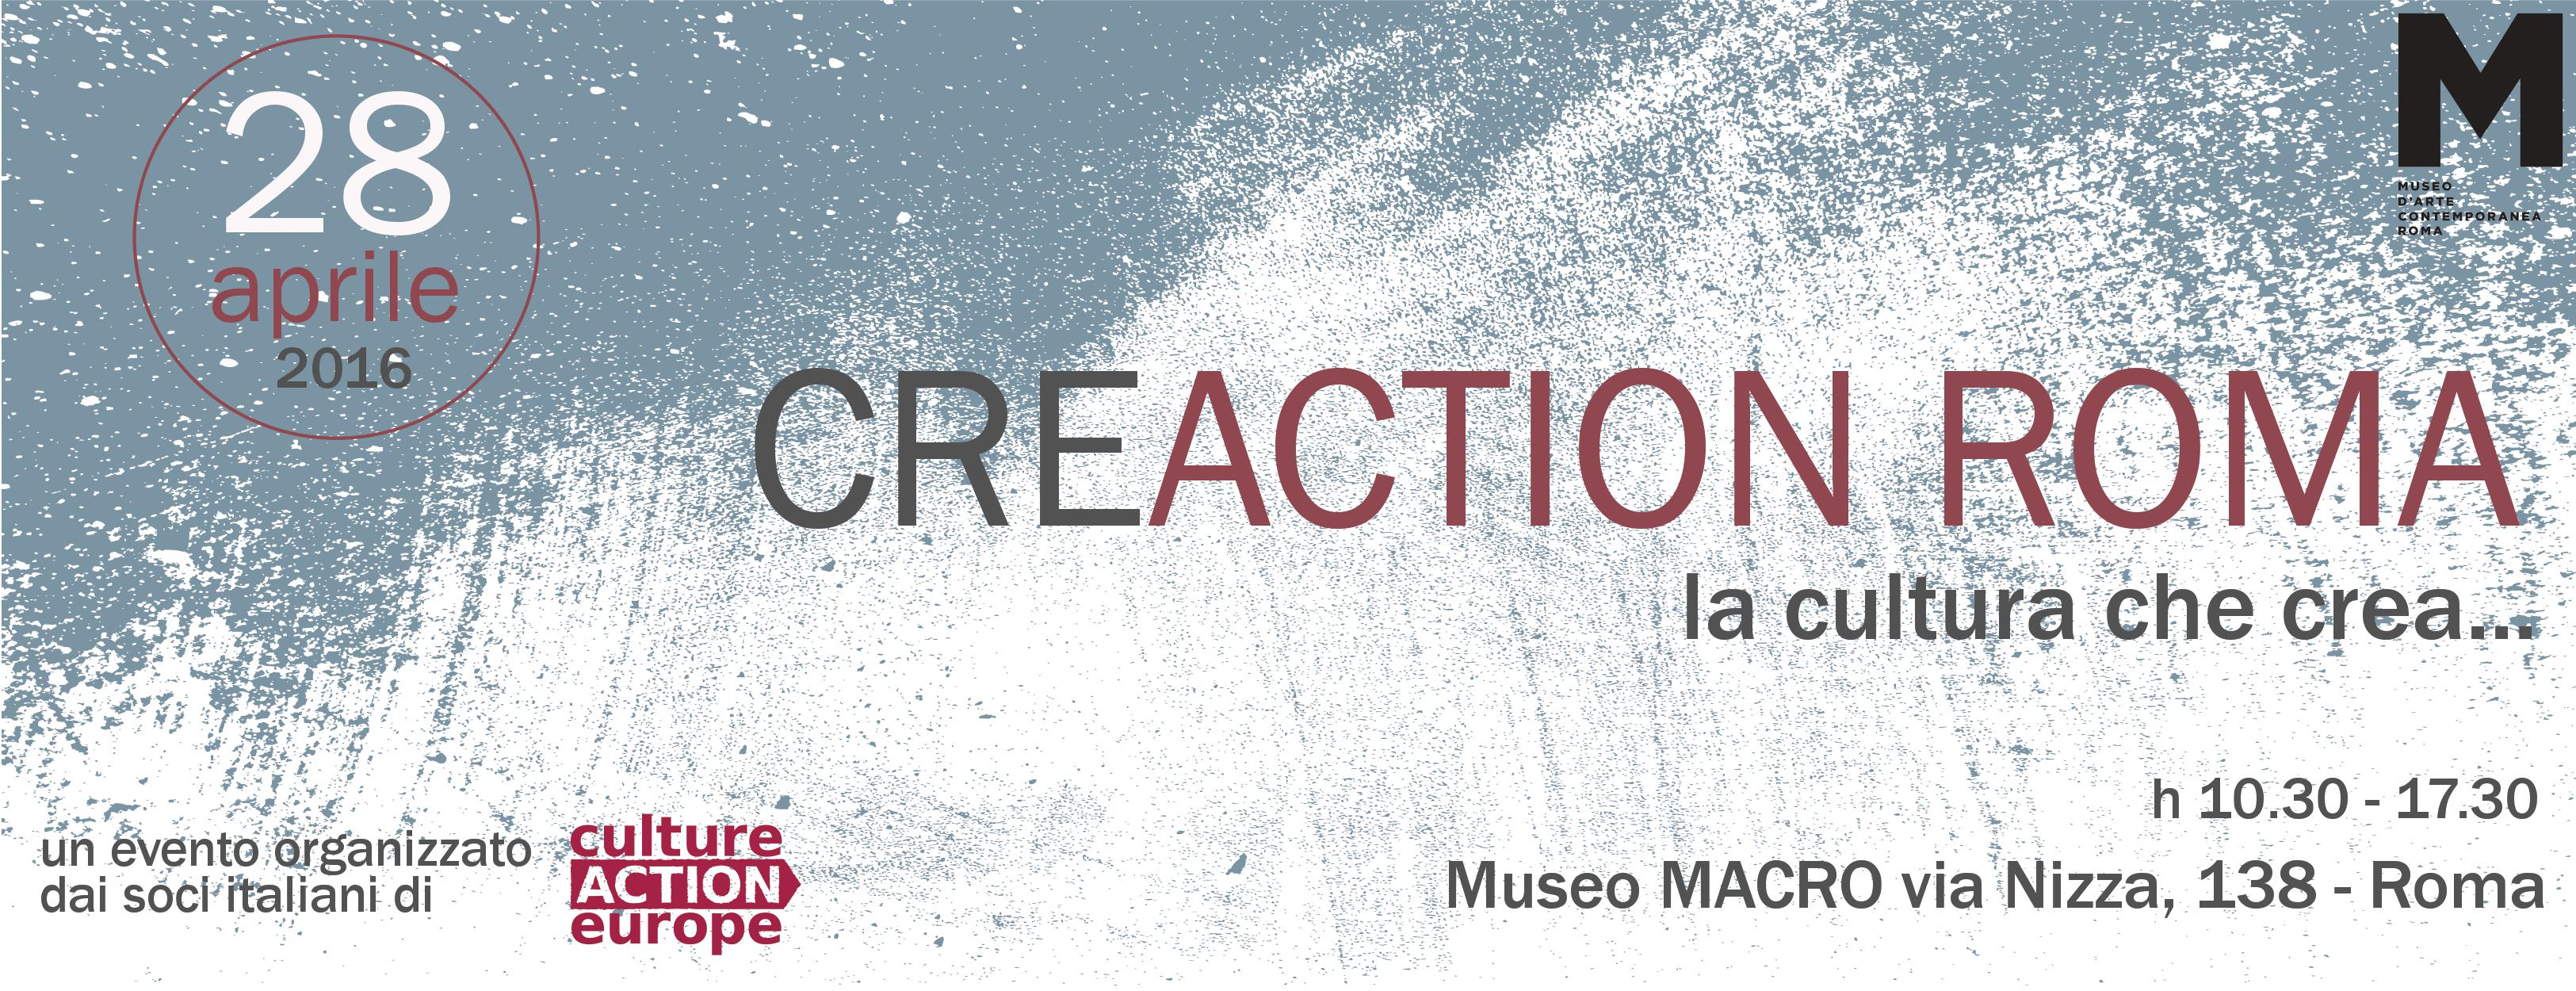 creaction-roma